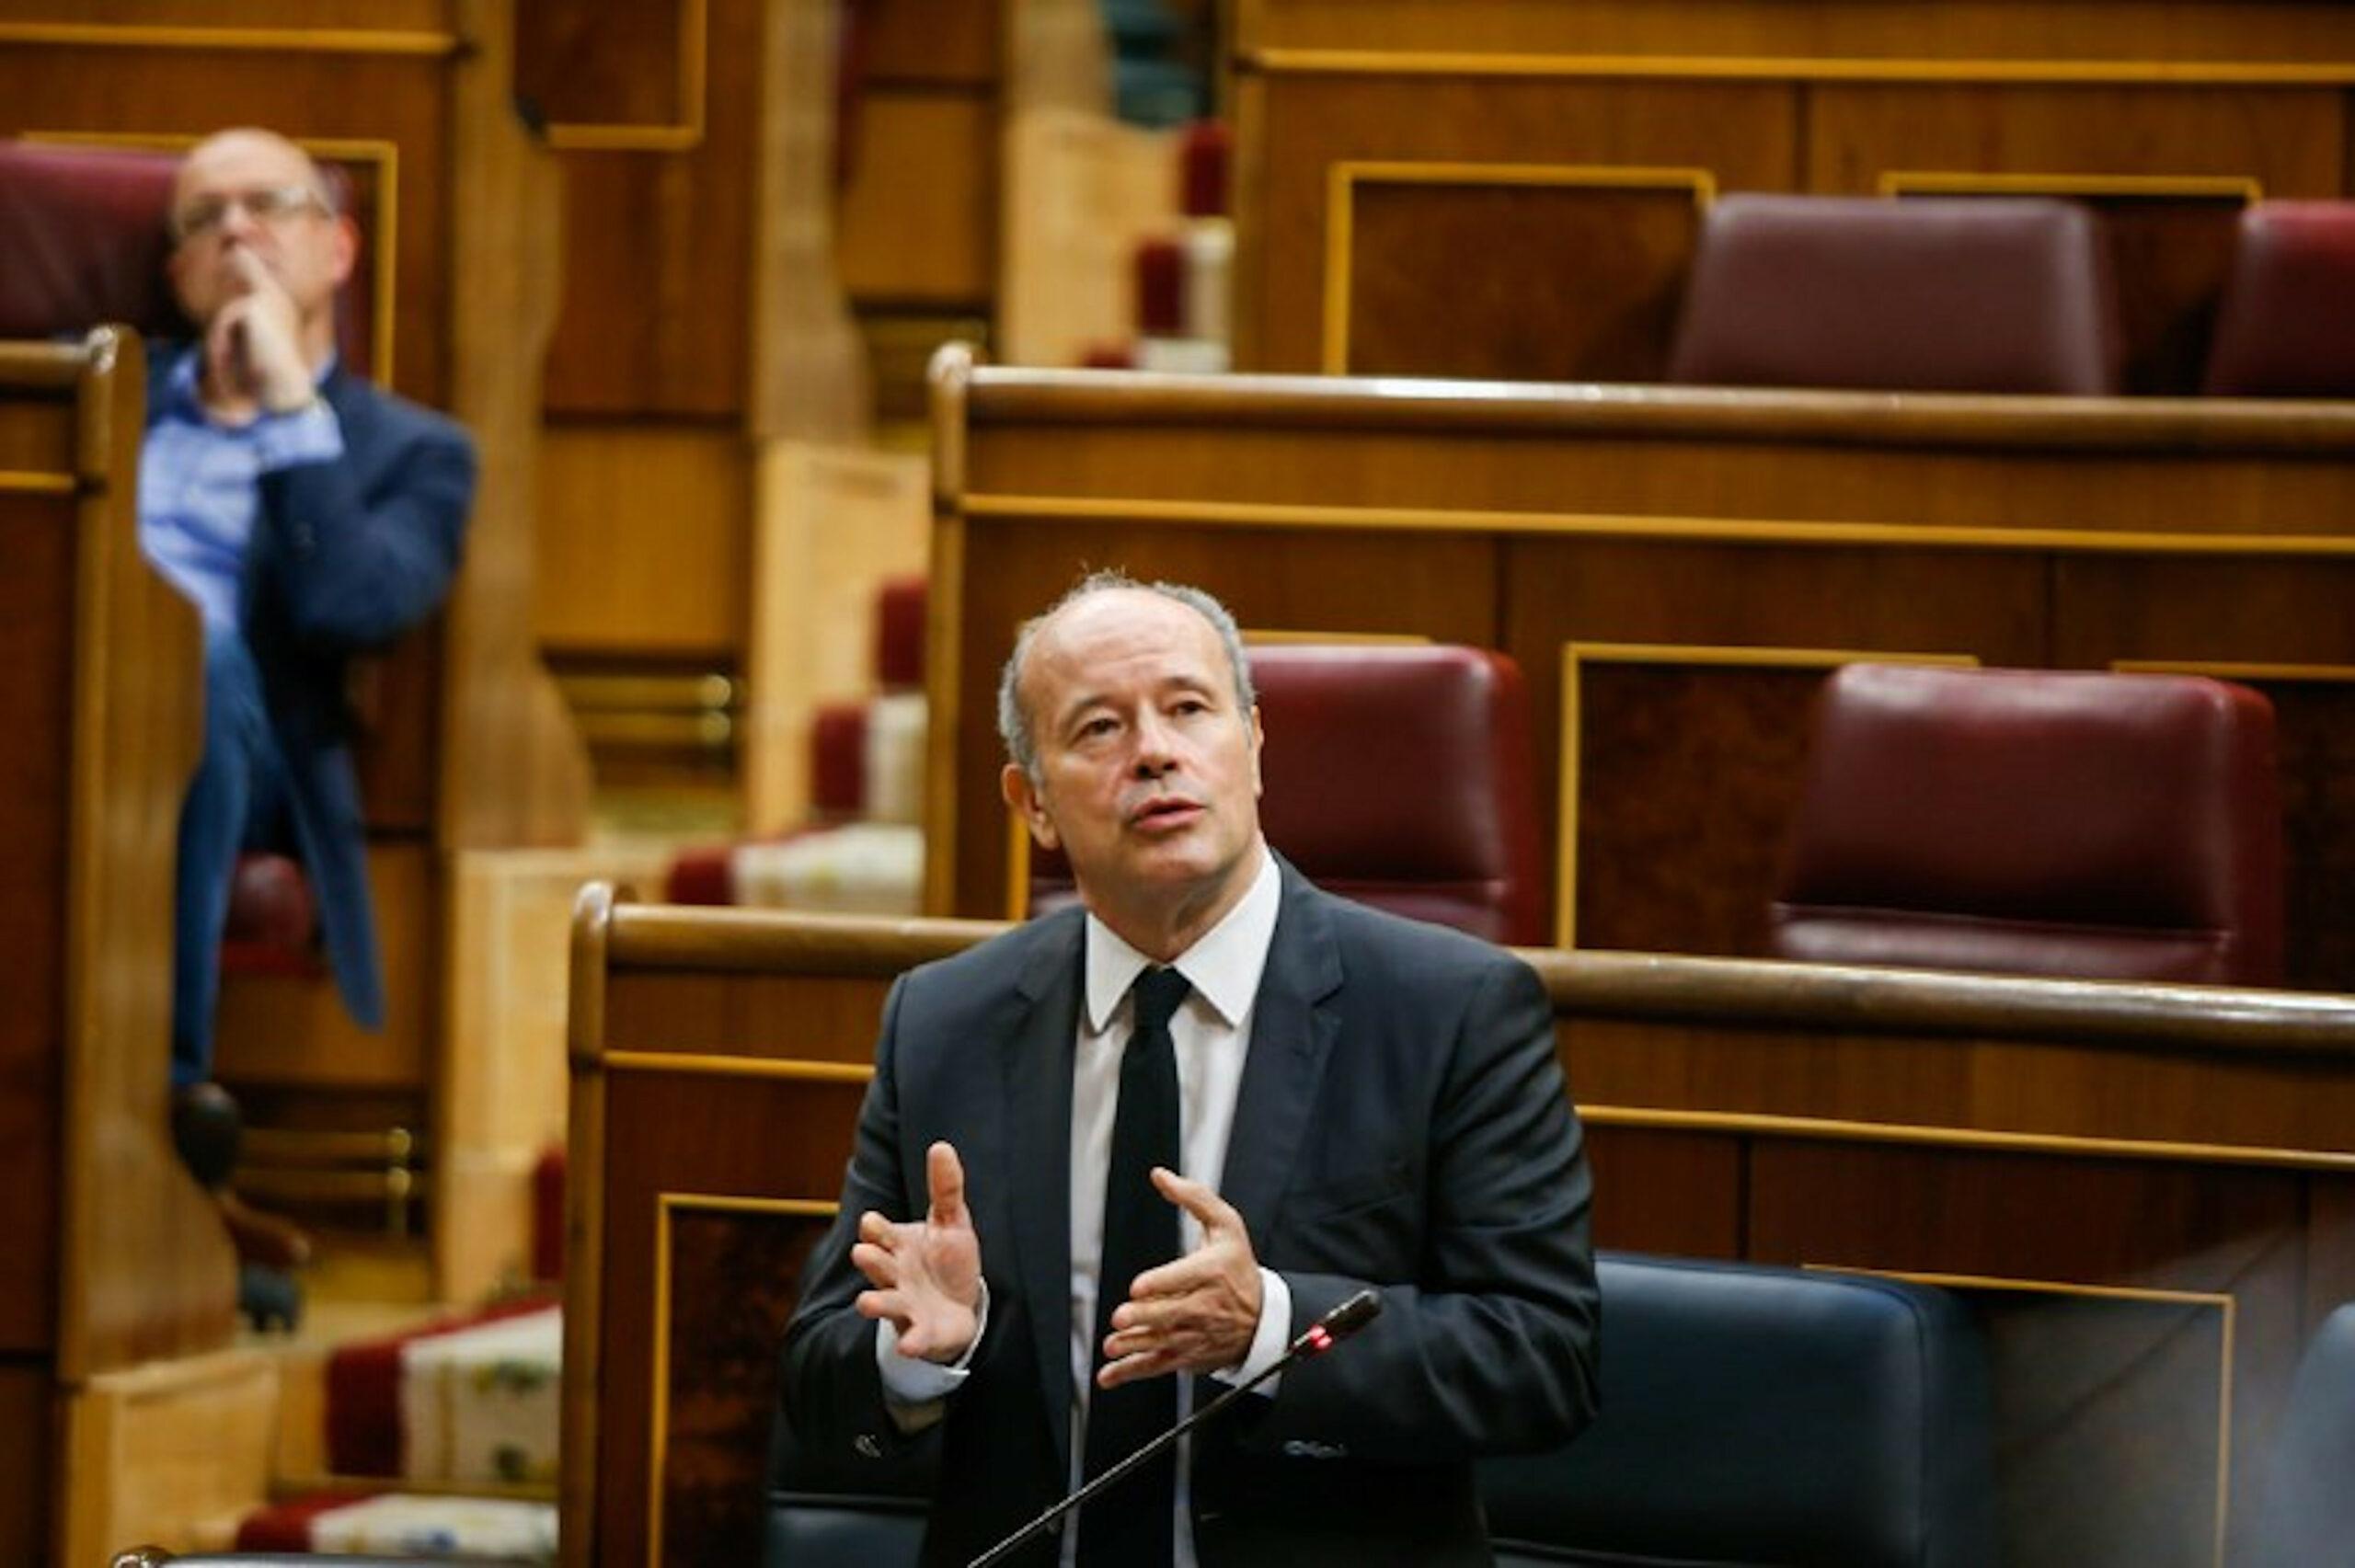 El ministre de Justícia, Juan Carlos Campo, durant una sessió de control del Congrés  (ACN)